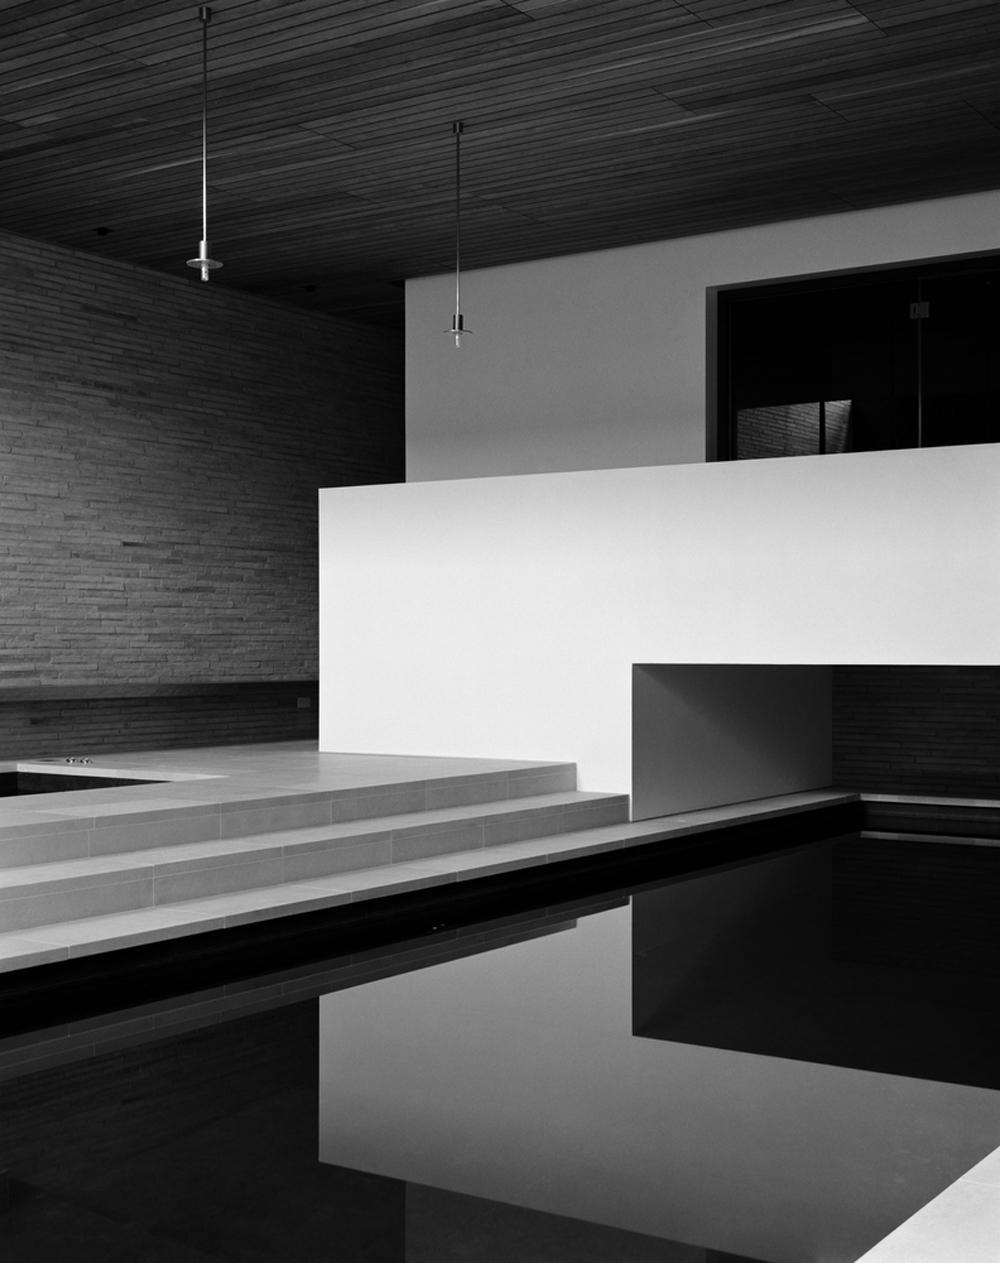 minimal Spa Wellness centre, de - barenbrug | ello